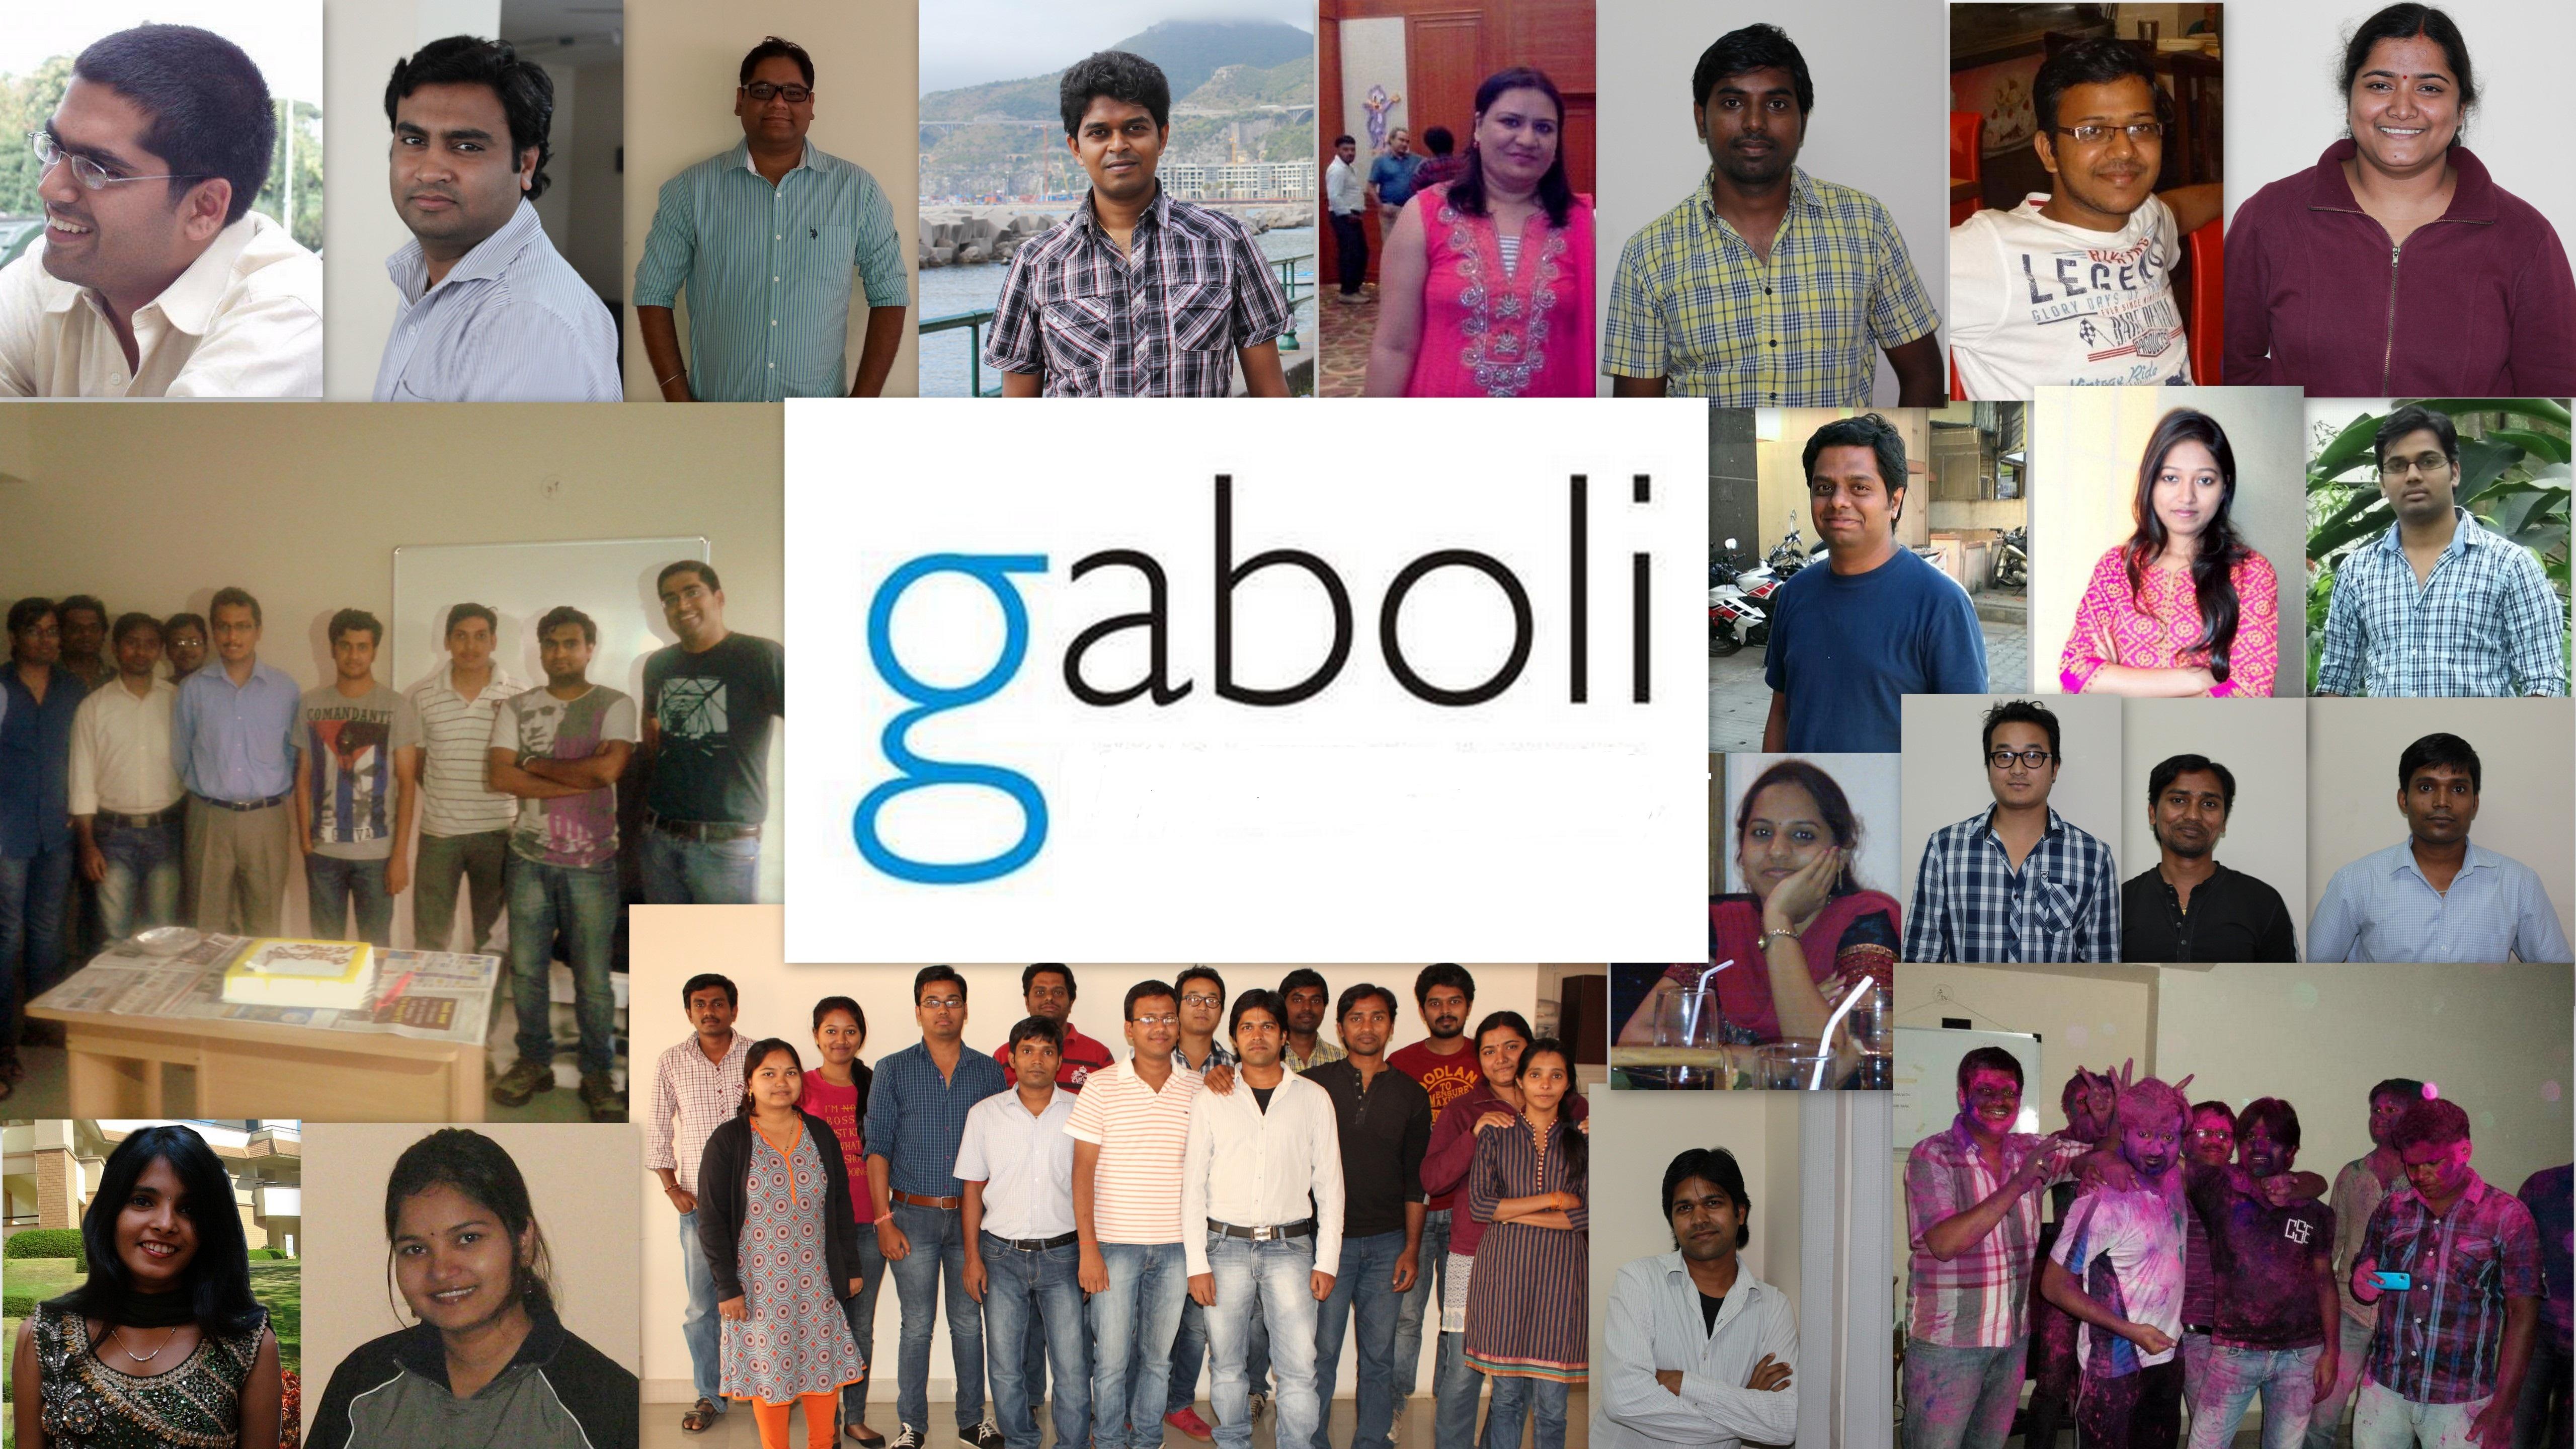 gaboli agency